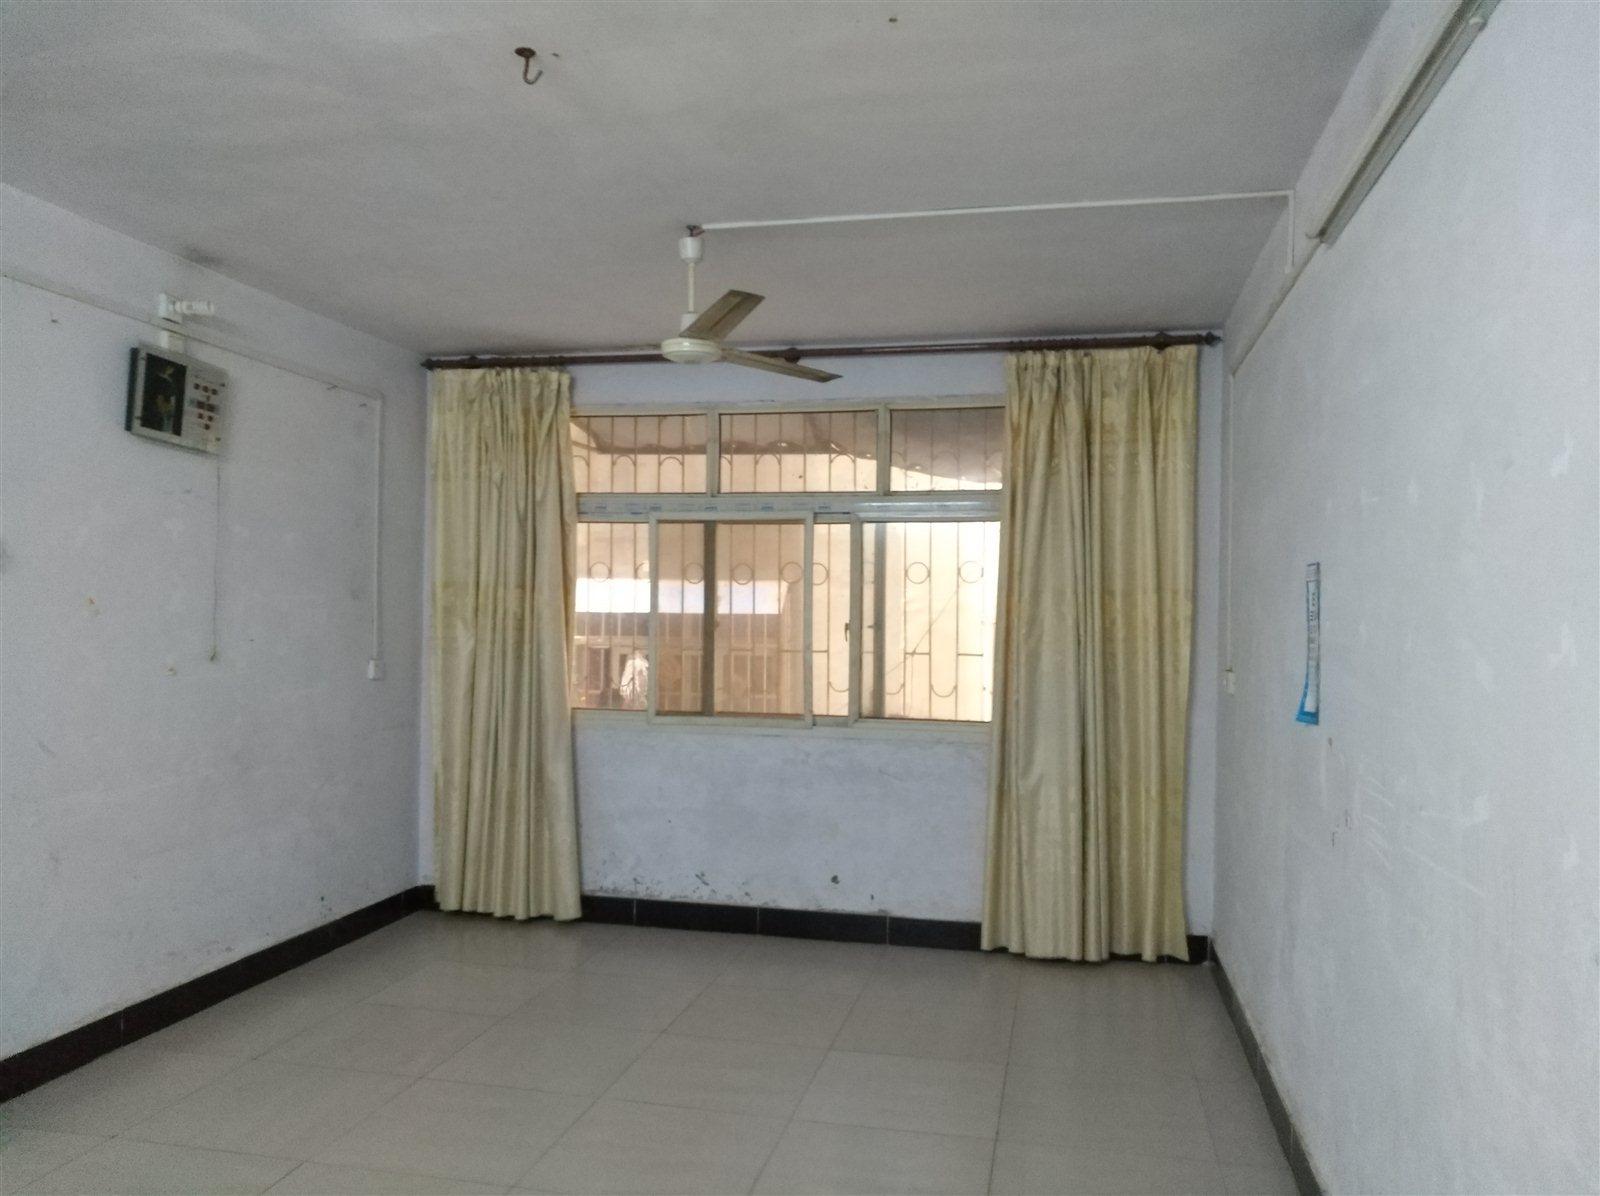 南都福苑3室 2厅 1卫27.8万元有证 房主急售